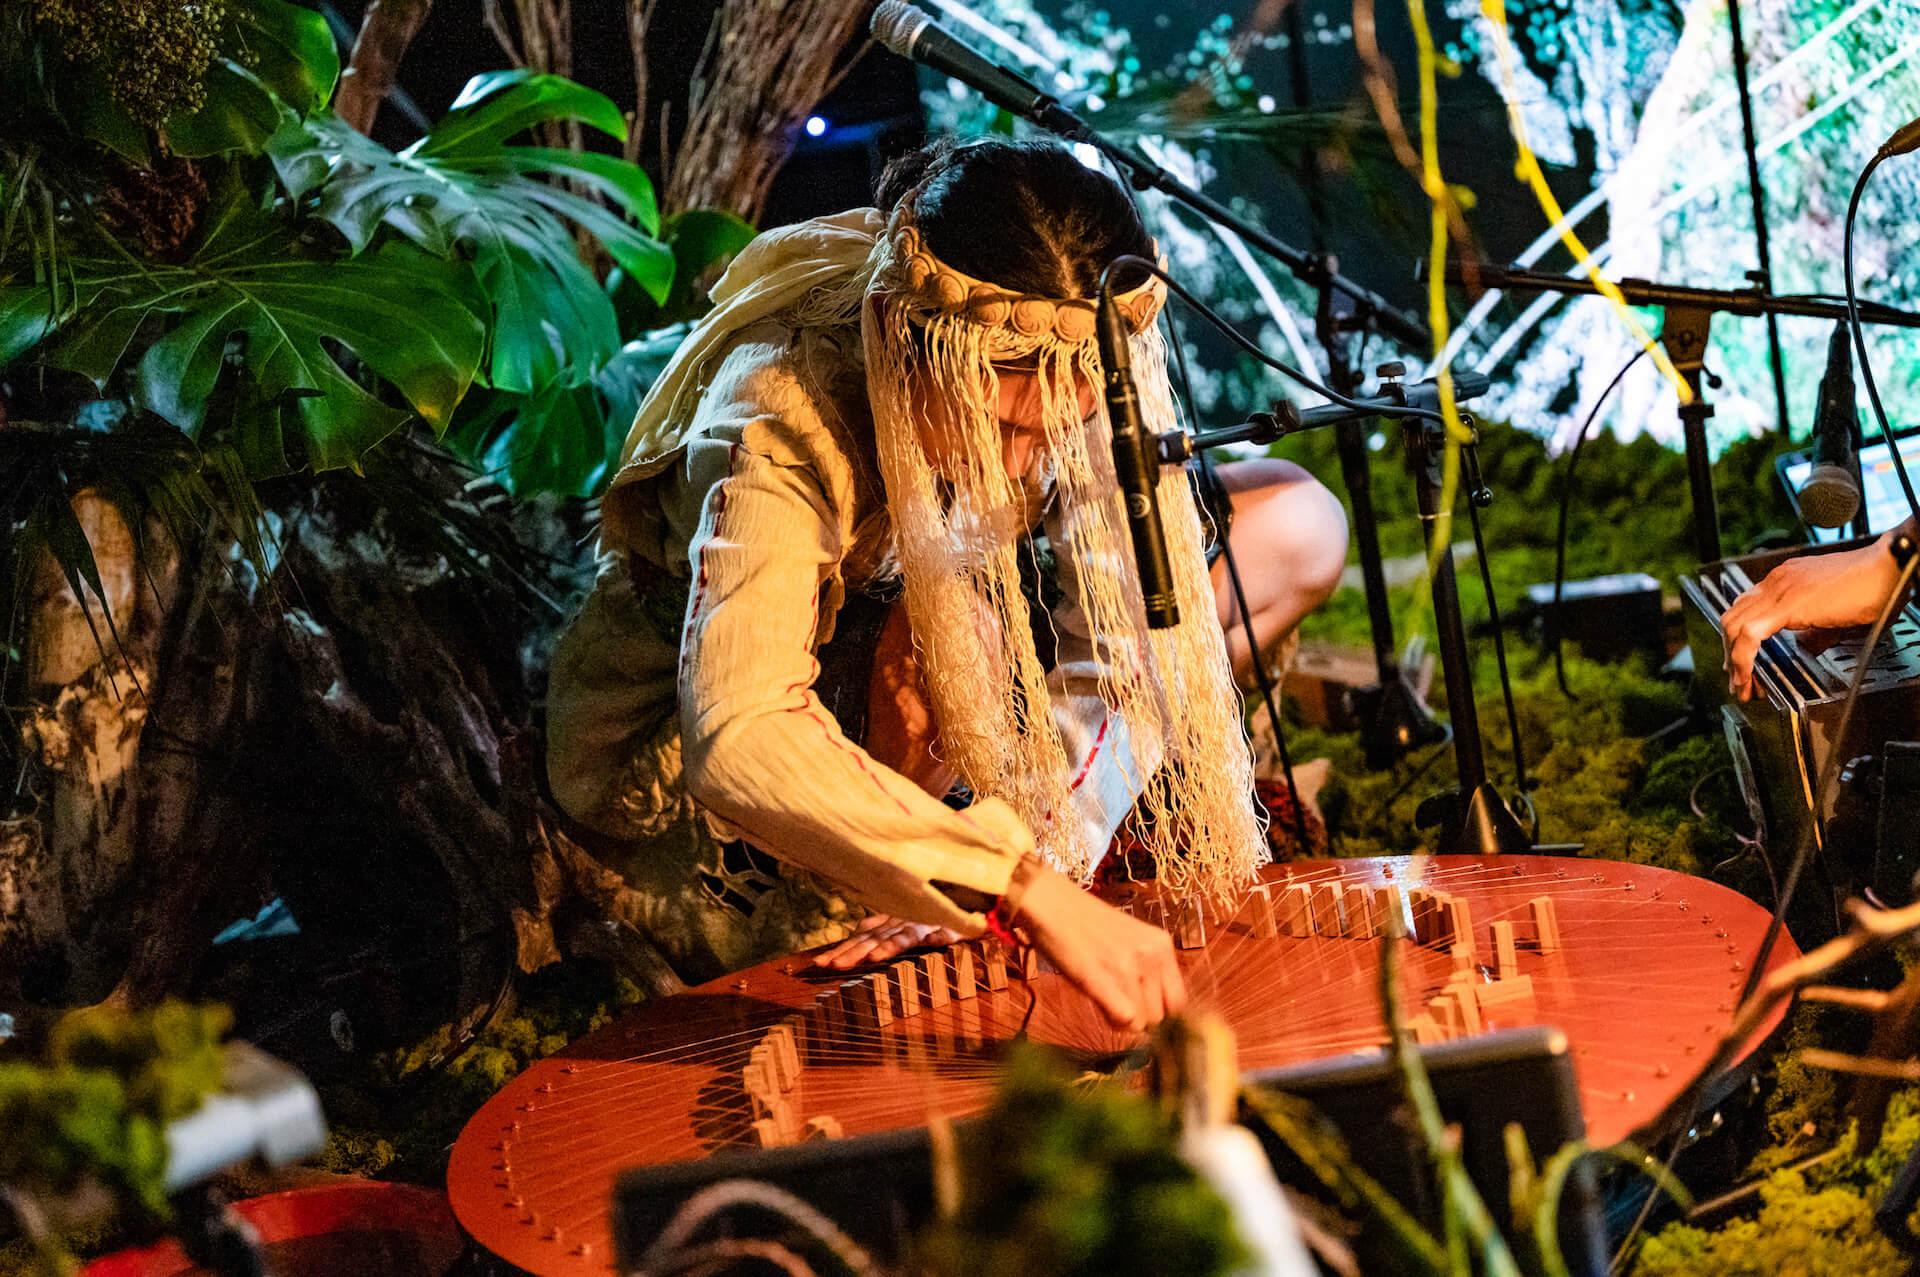 YAKUSHIMA TREASUREの死生観とポストコロナの表現 屋久島の原生林でのライヴ作品『ANOTHER LIVE』に迫る music210219_yakushimatreasure_30